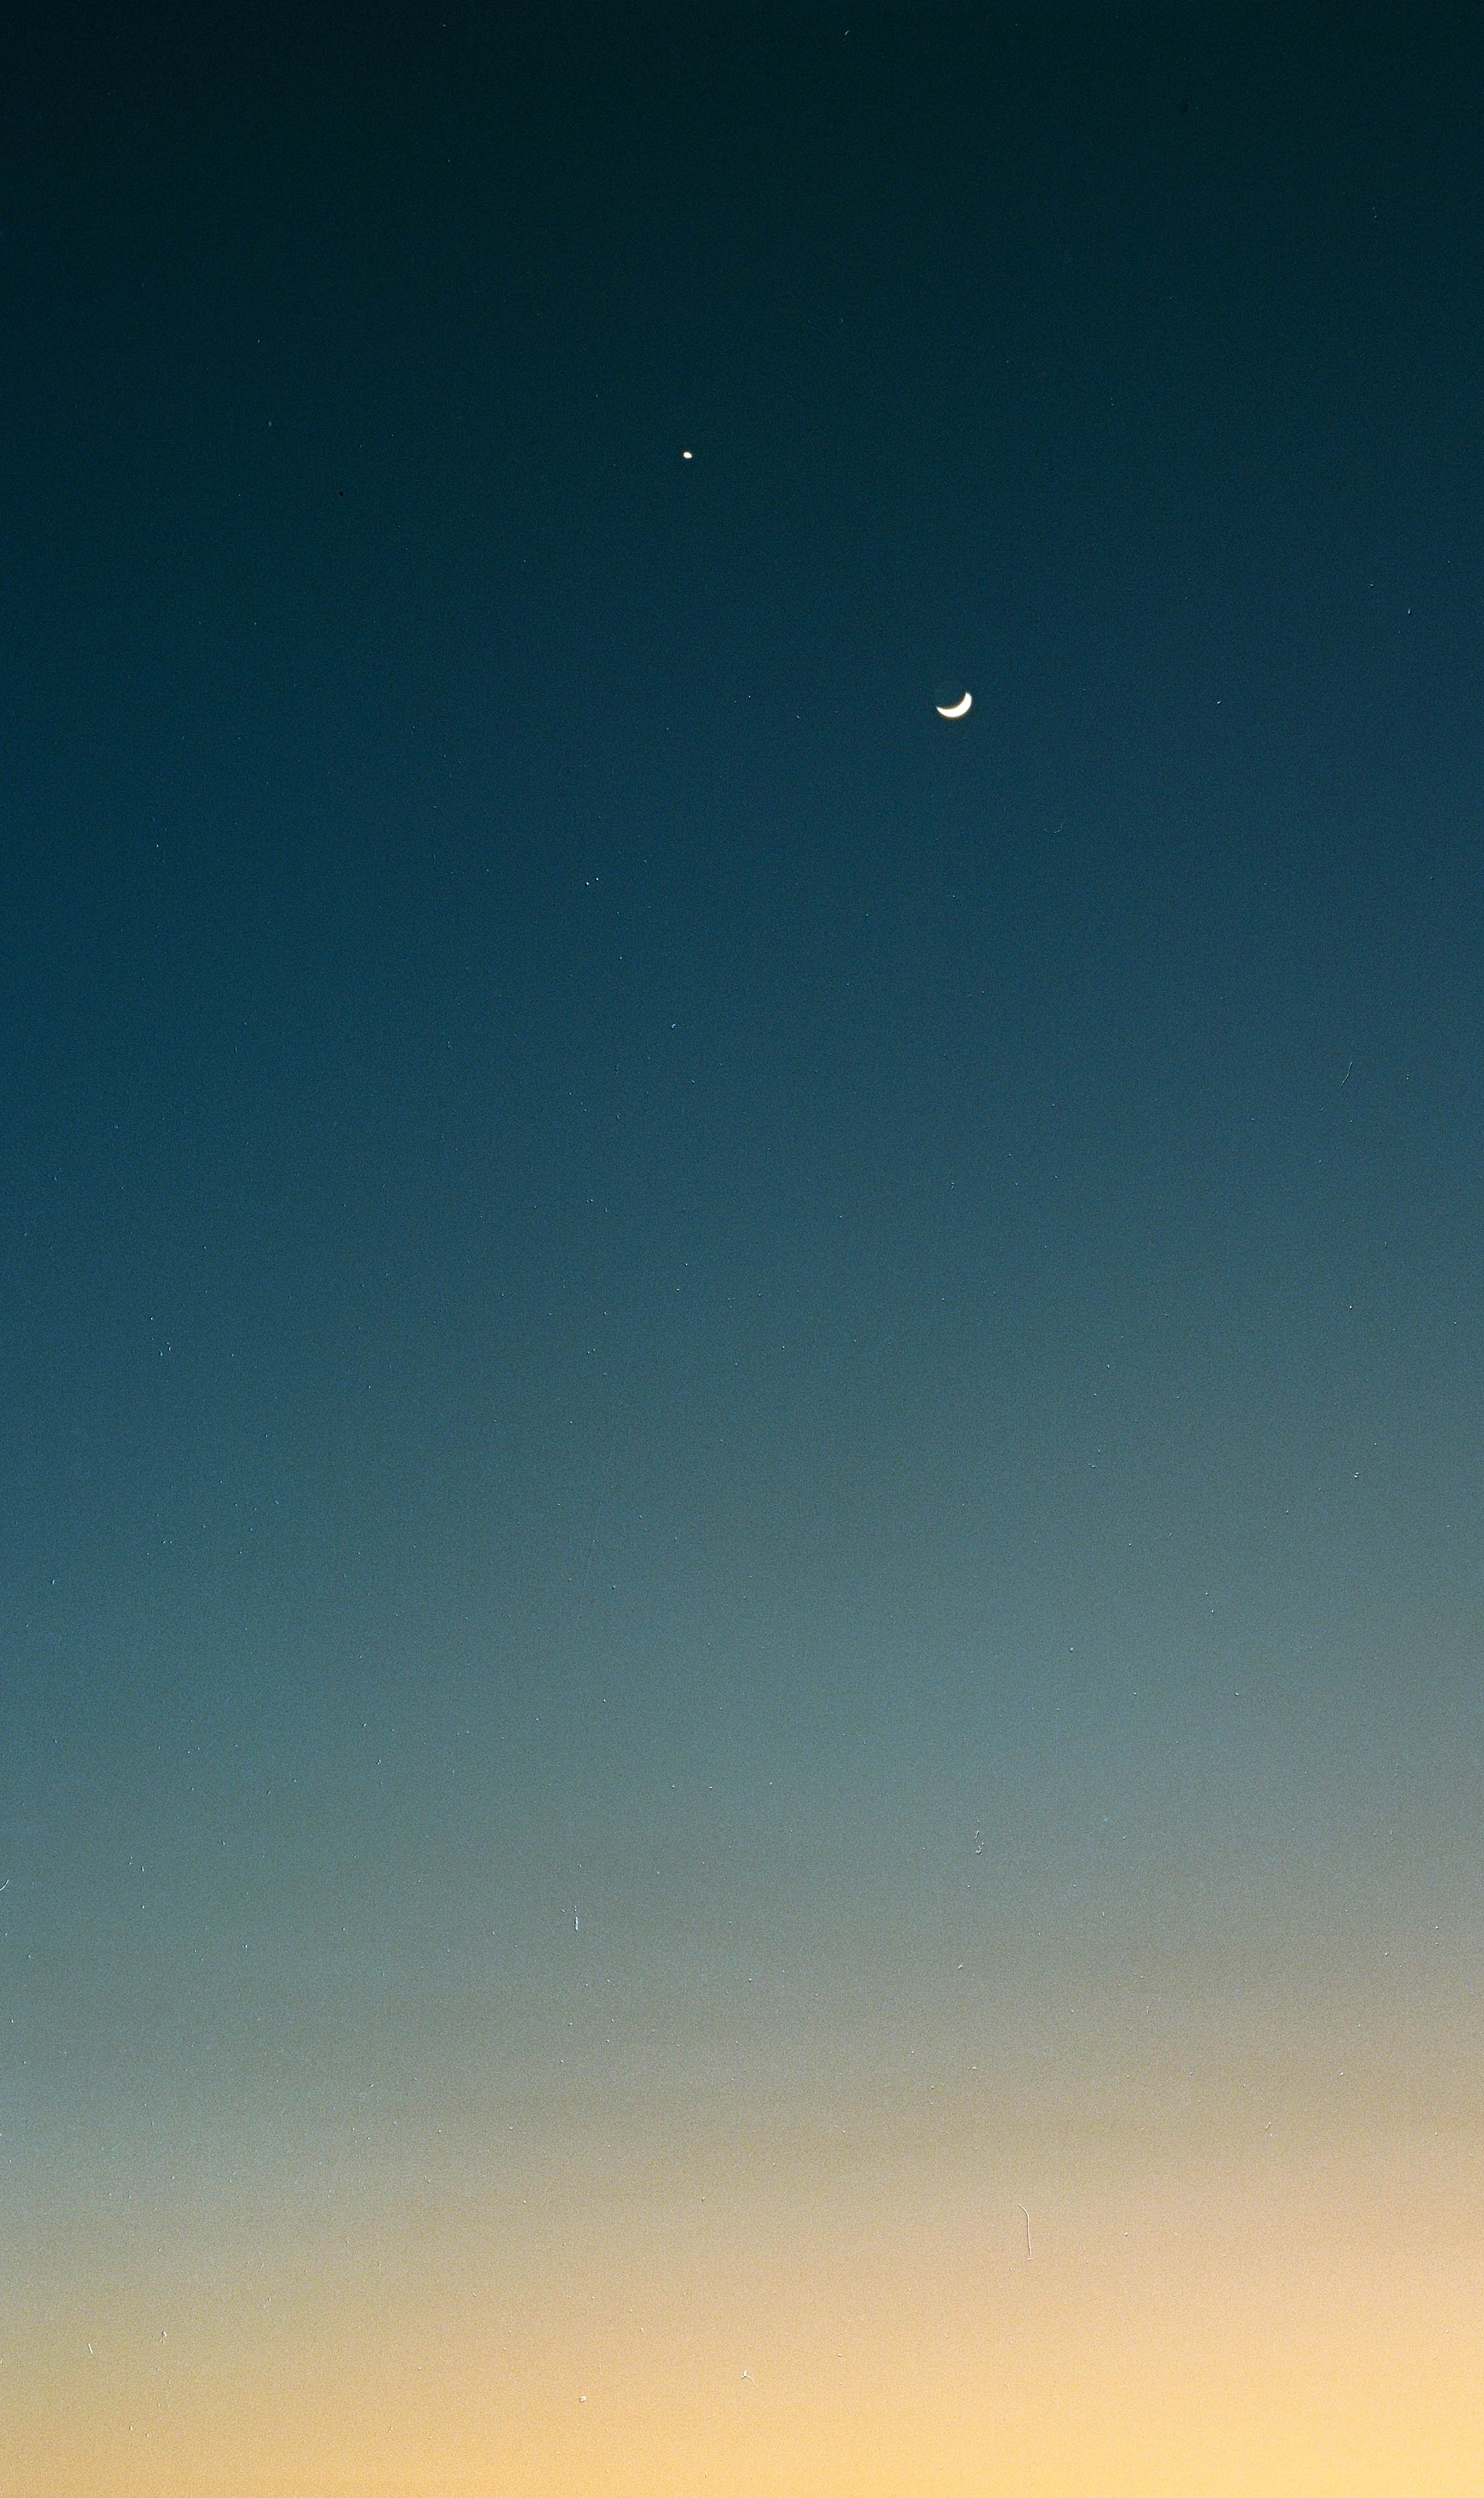 Venus_moon.jpg